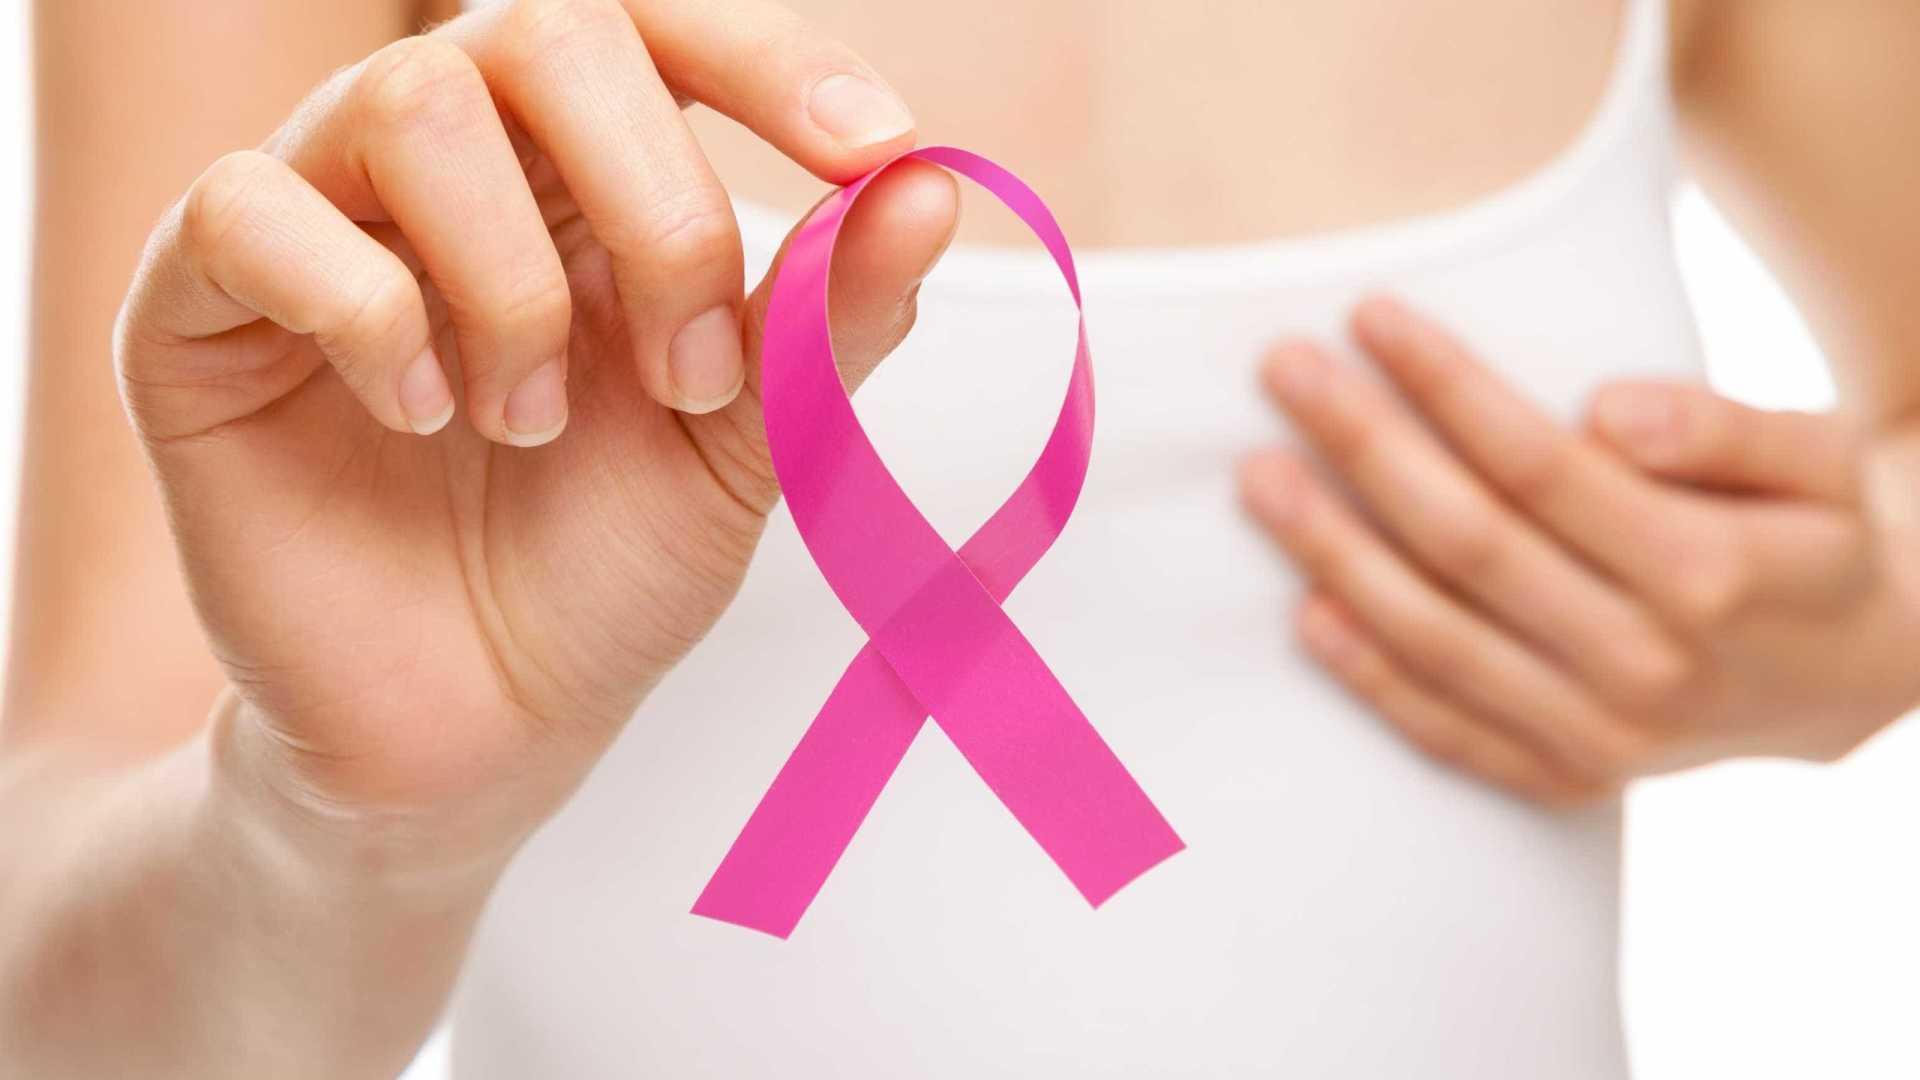 naom 59de24c770477 - PMJP inicia campanha contra câncer de mama nesta terça-feira na Capital